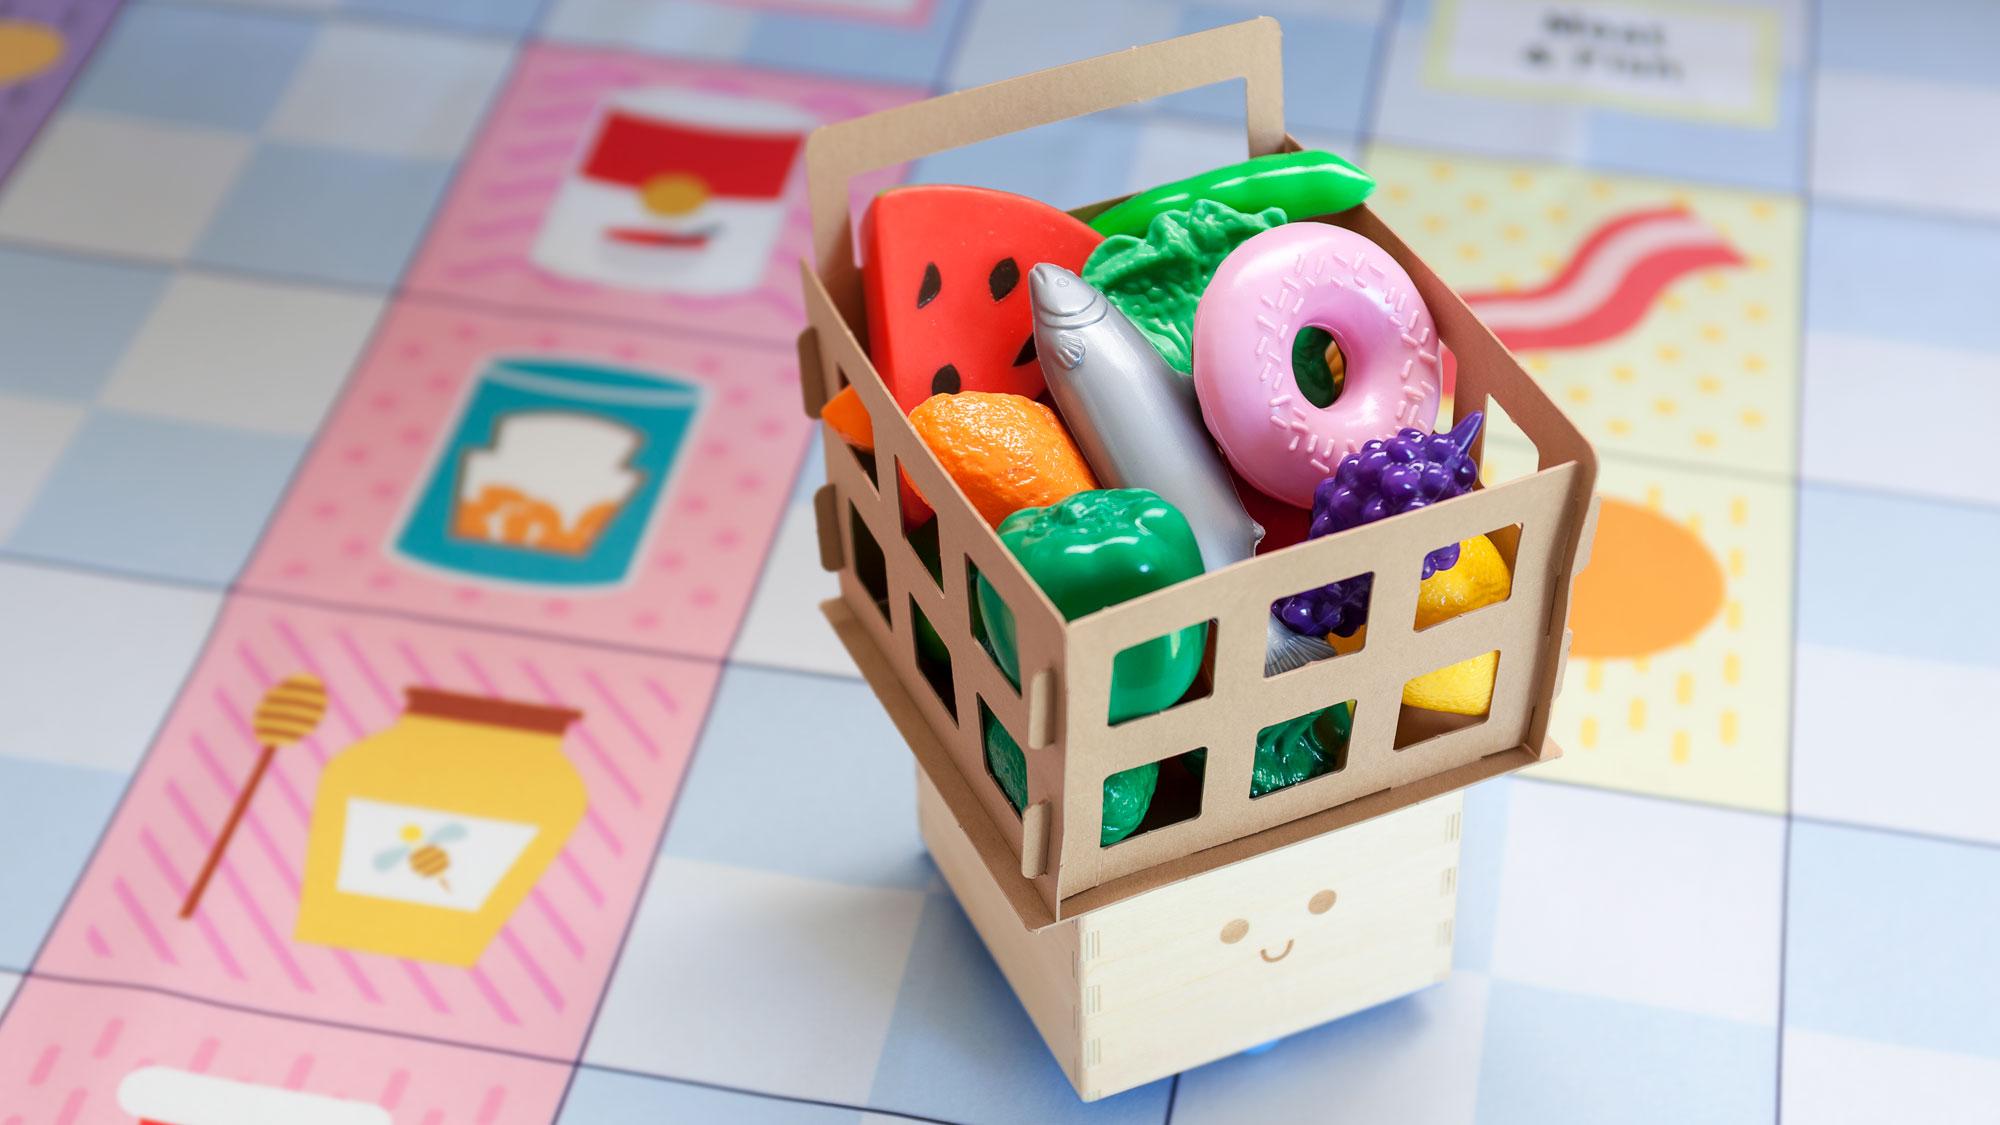 Cubetto_Closeup